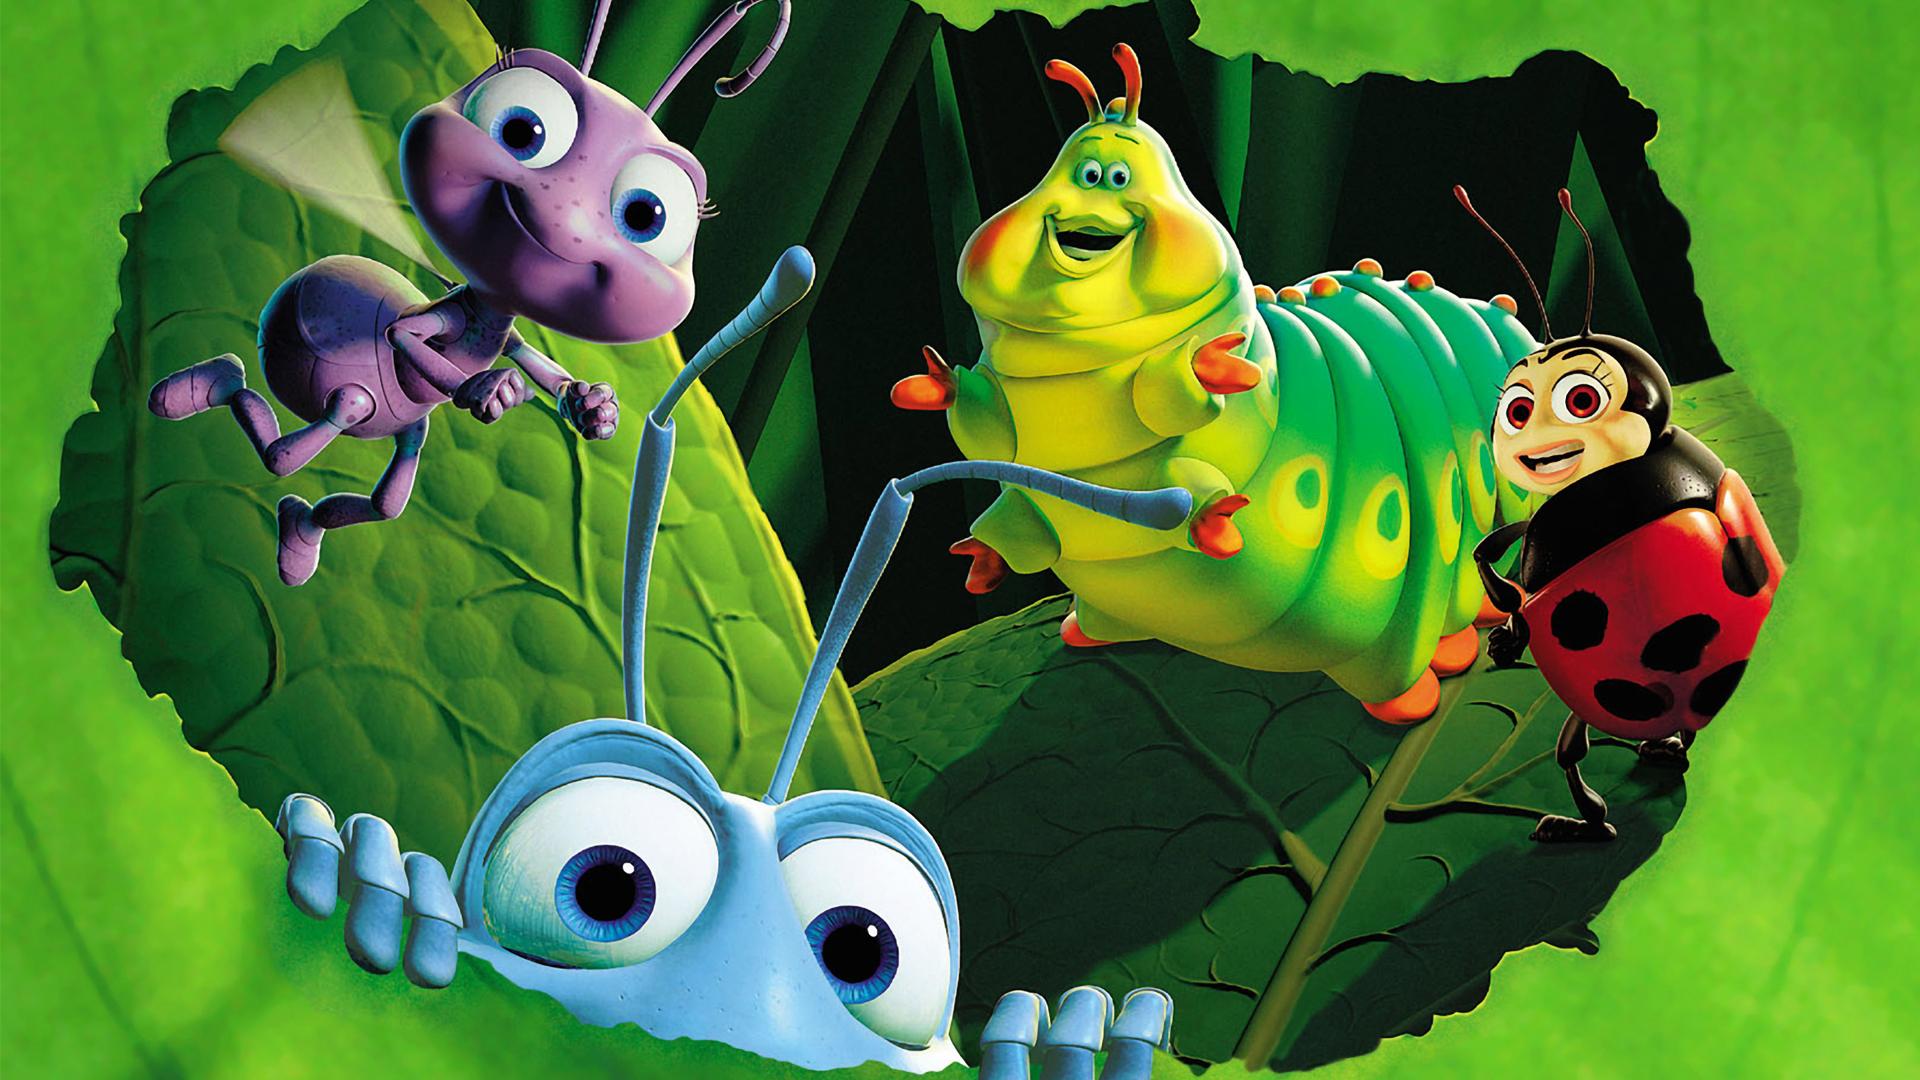 A-Bugs-life.jpg